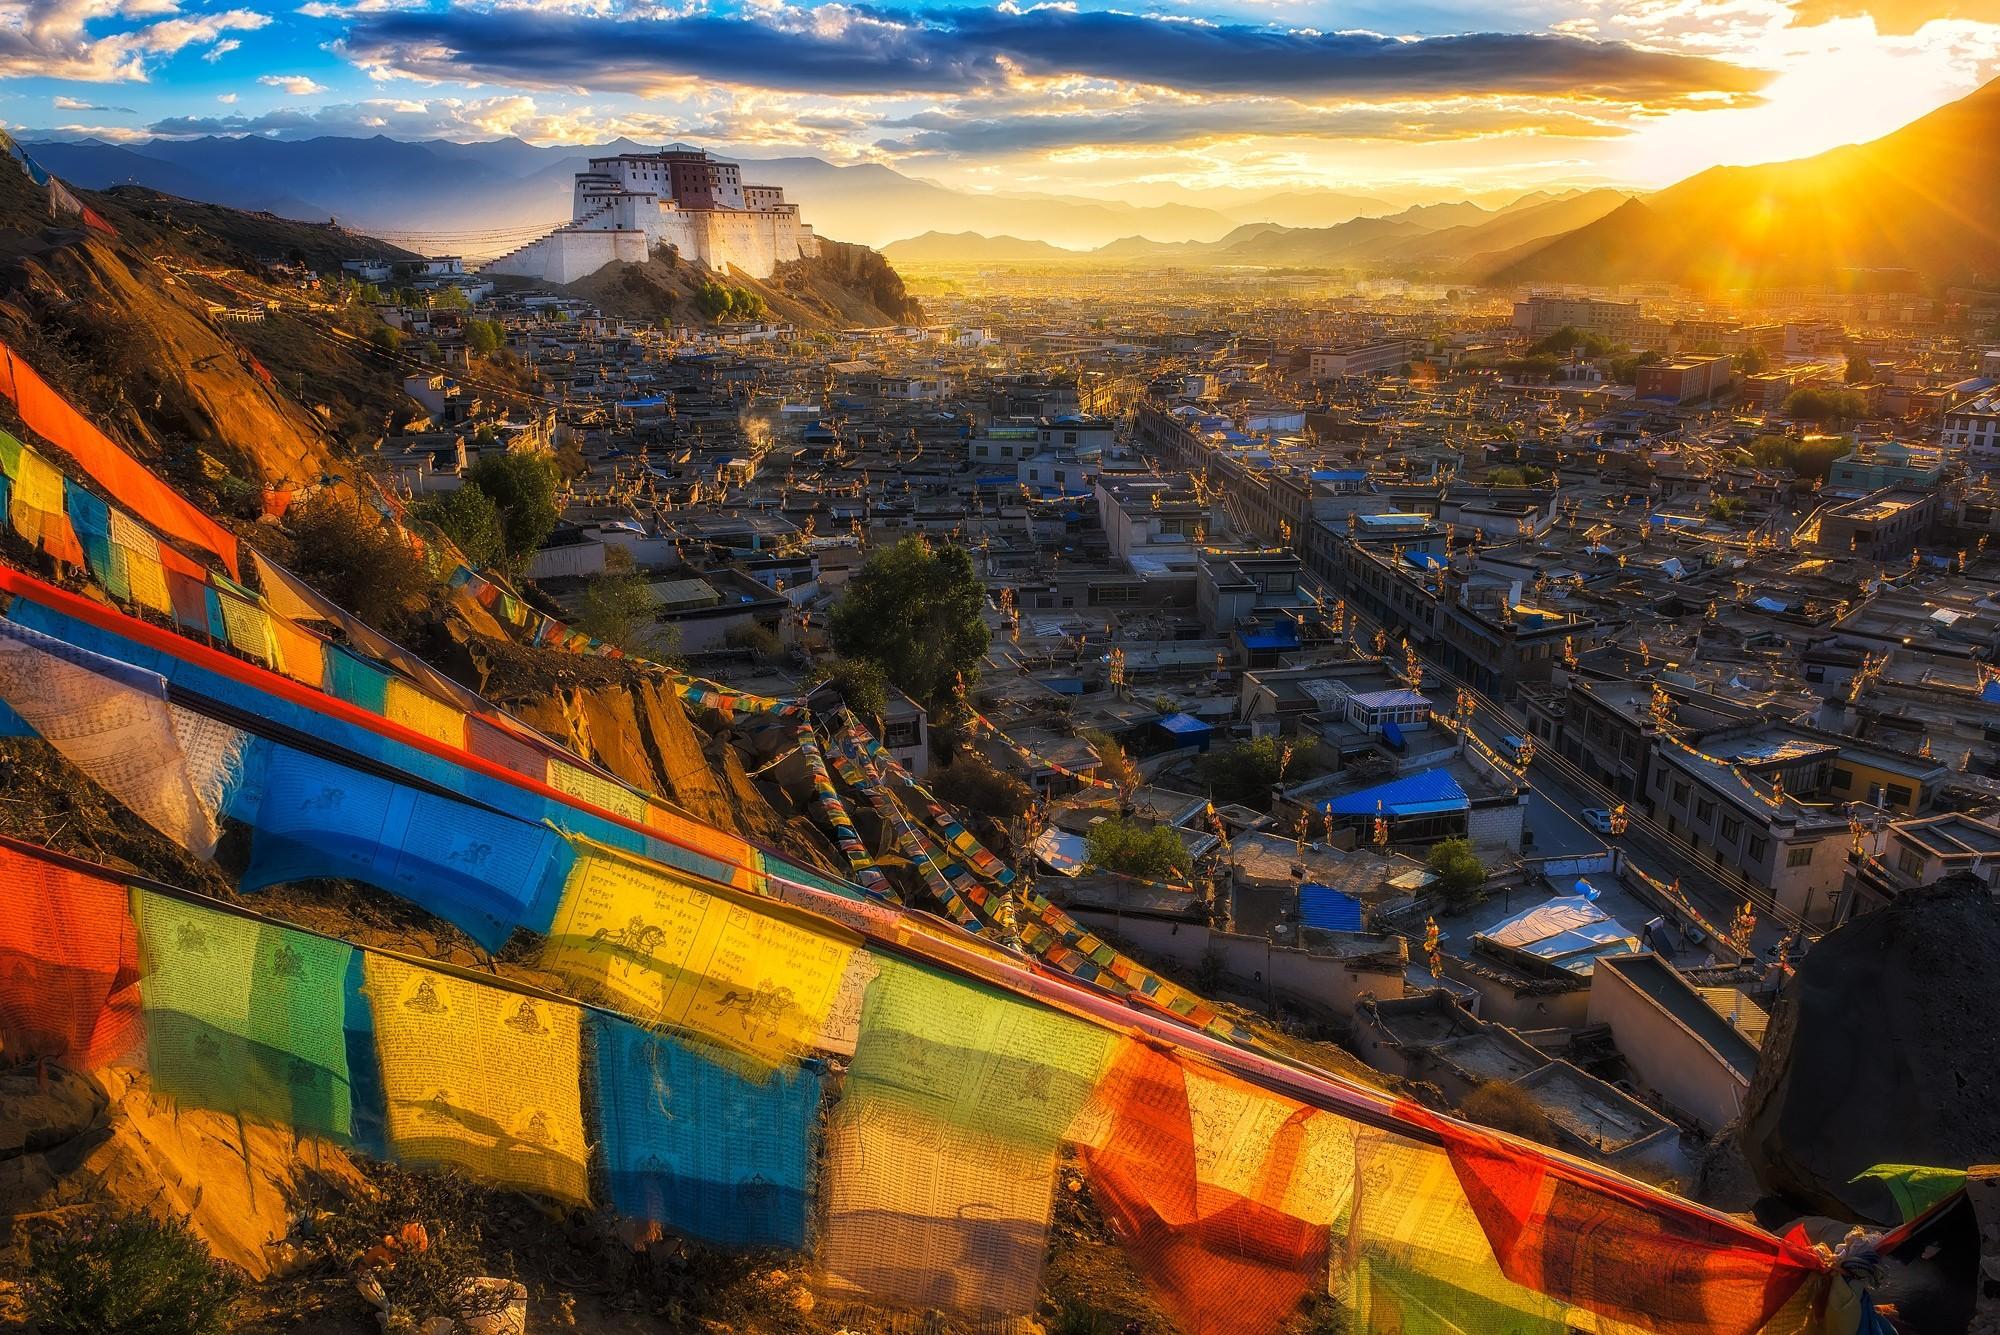 львы картинки рассвет в тибете этого сына